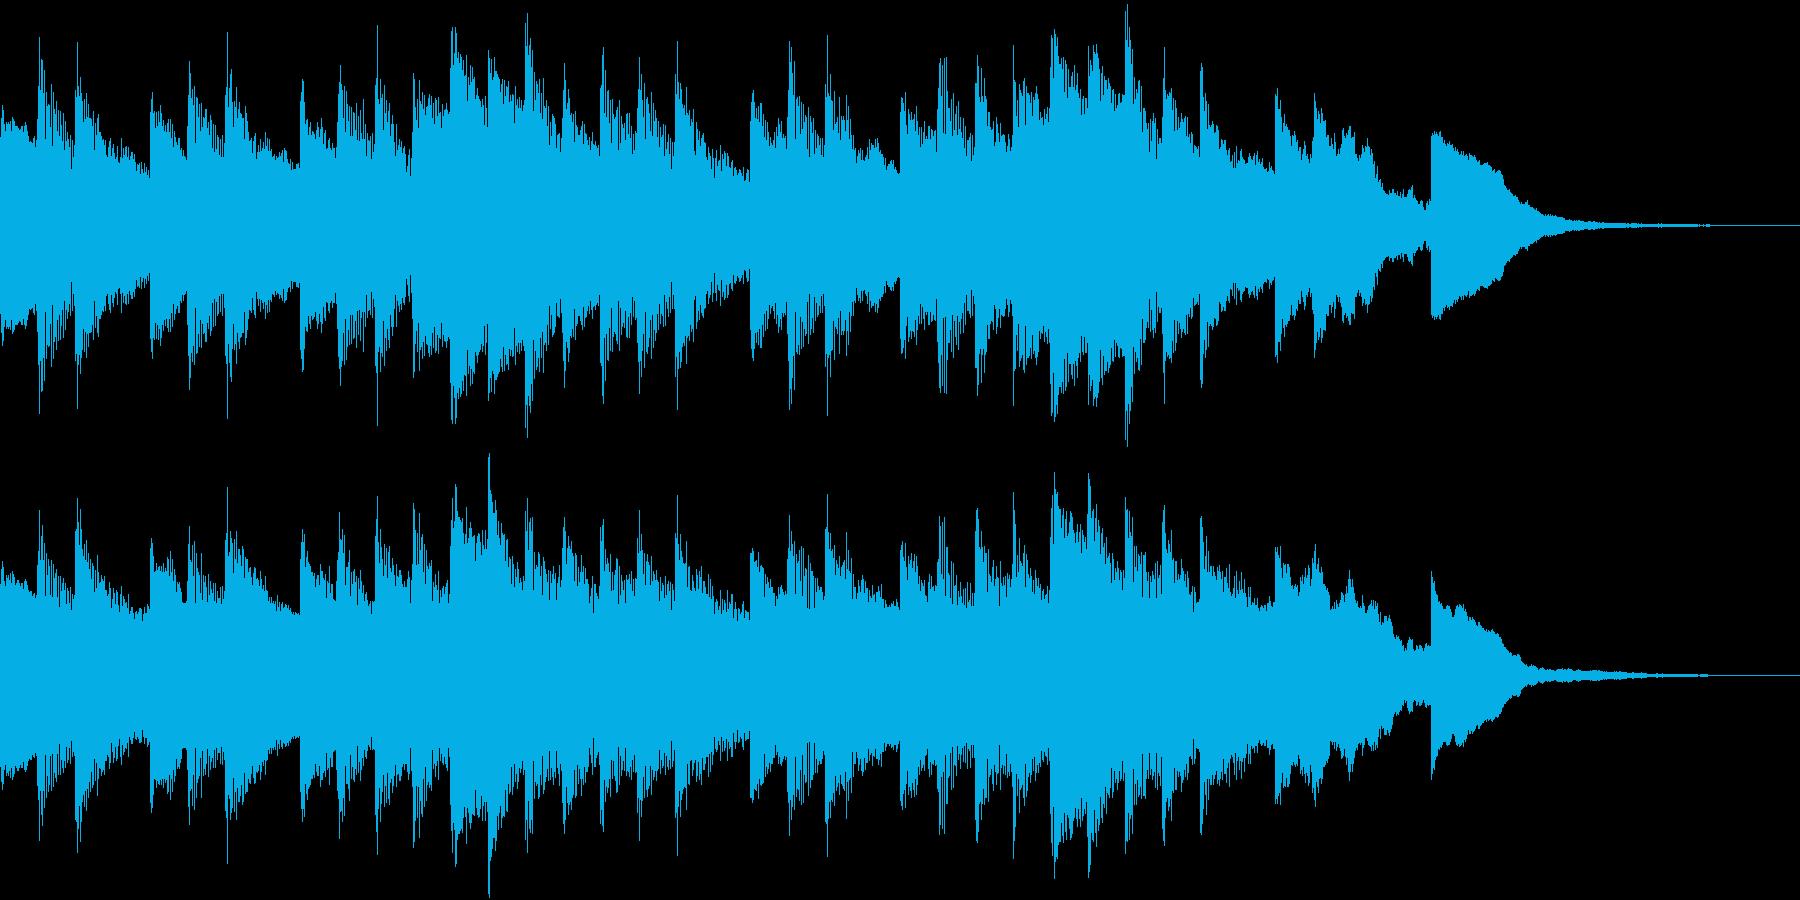 雨上がりの朝をイメージしたBGMの再生済みの波形